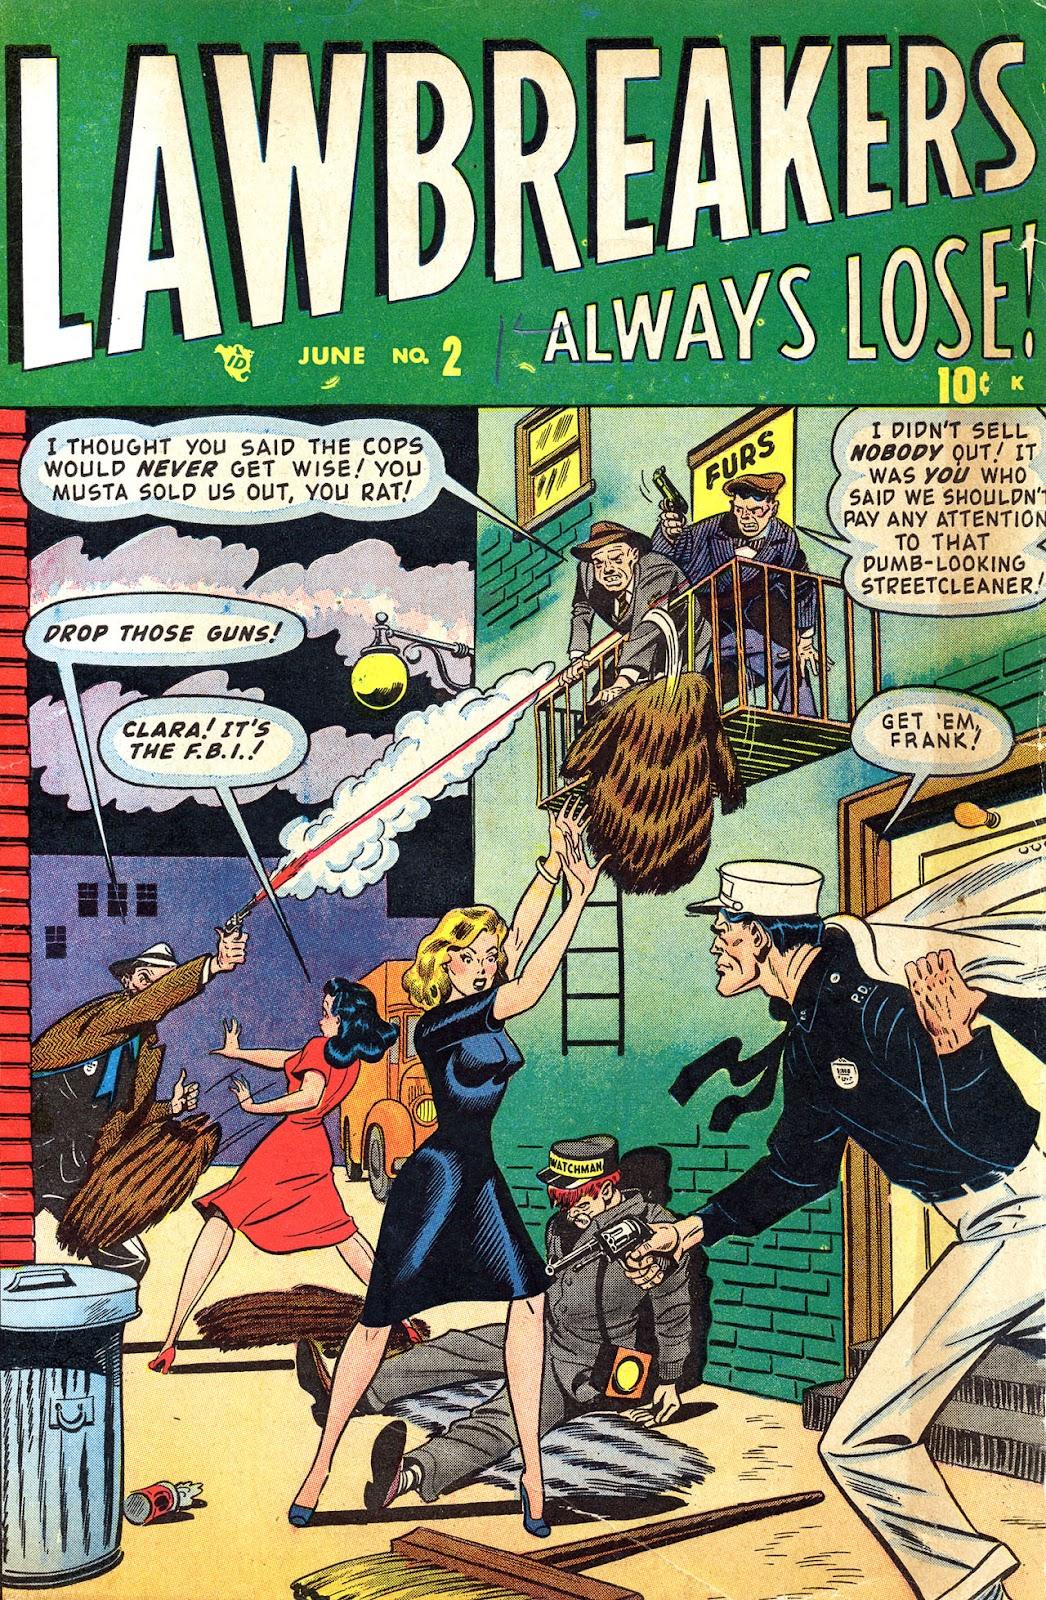 Lawbreakers Always Lose! 2 Page 1